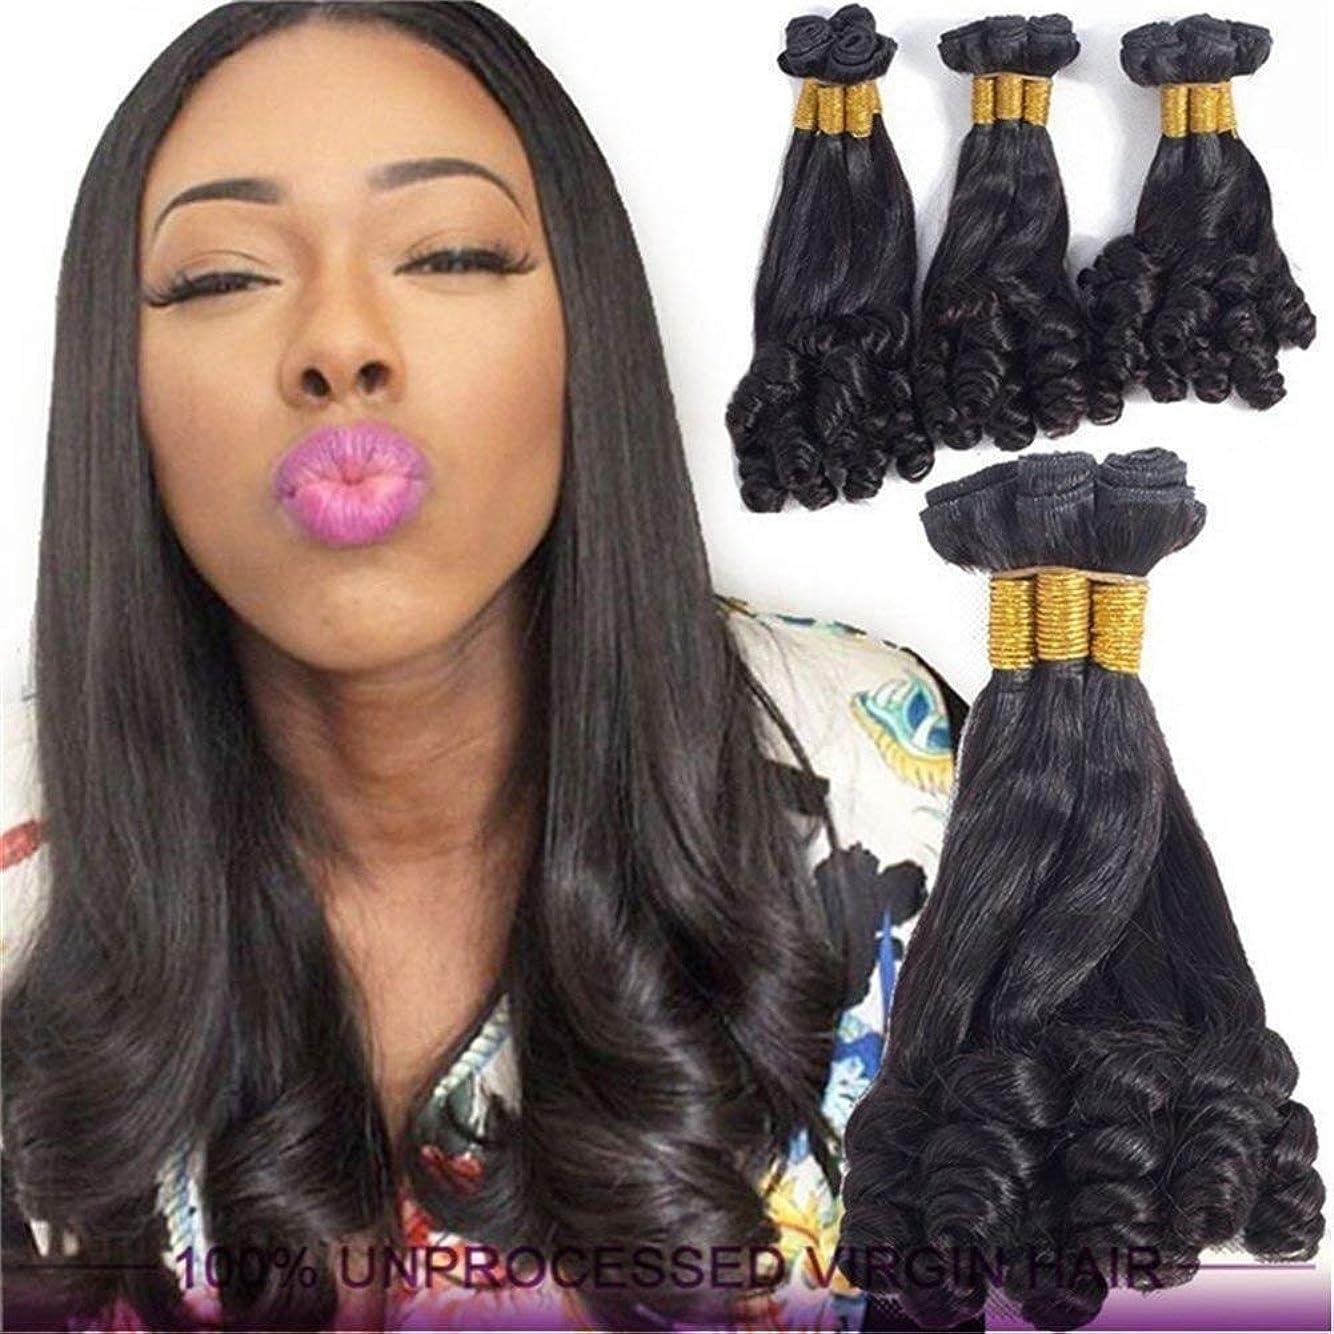 句話アーティファクトBeTTi アフリカのバージンヘアエクステンション8aブラジルバウンシーカーリー織りセクシーな女性フルウィッグナチュラルカラー耐熱安いのためパーティーウィッグデイリードレス高密度 (Color : 10)